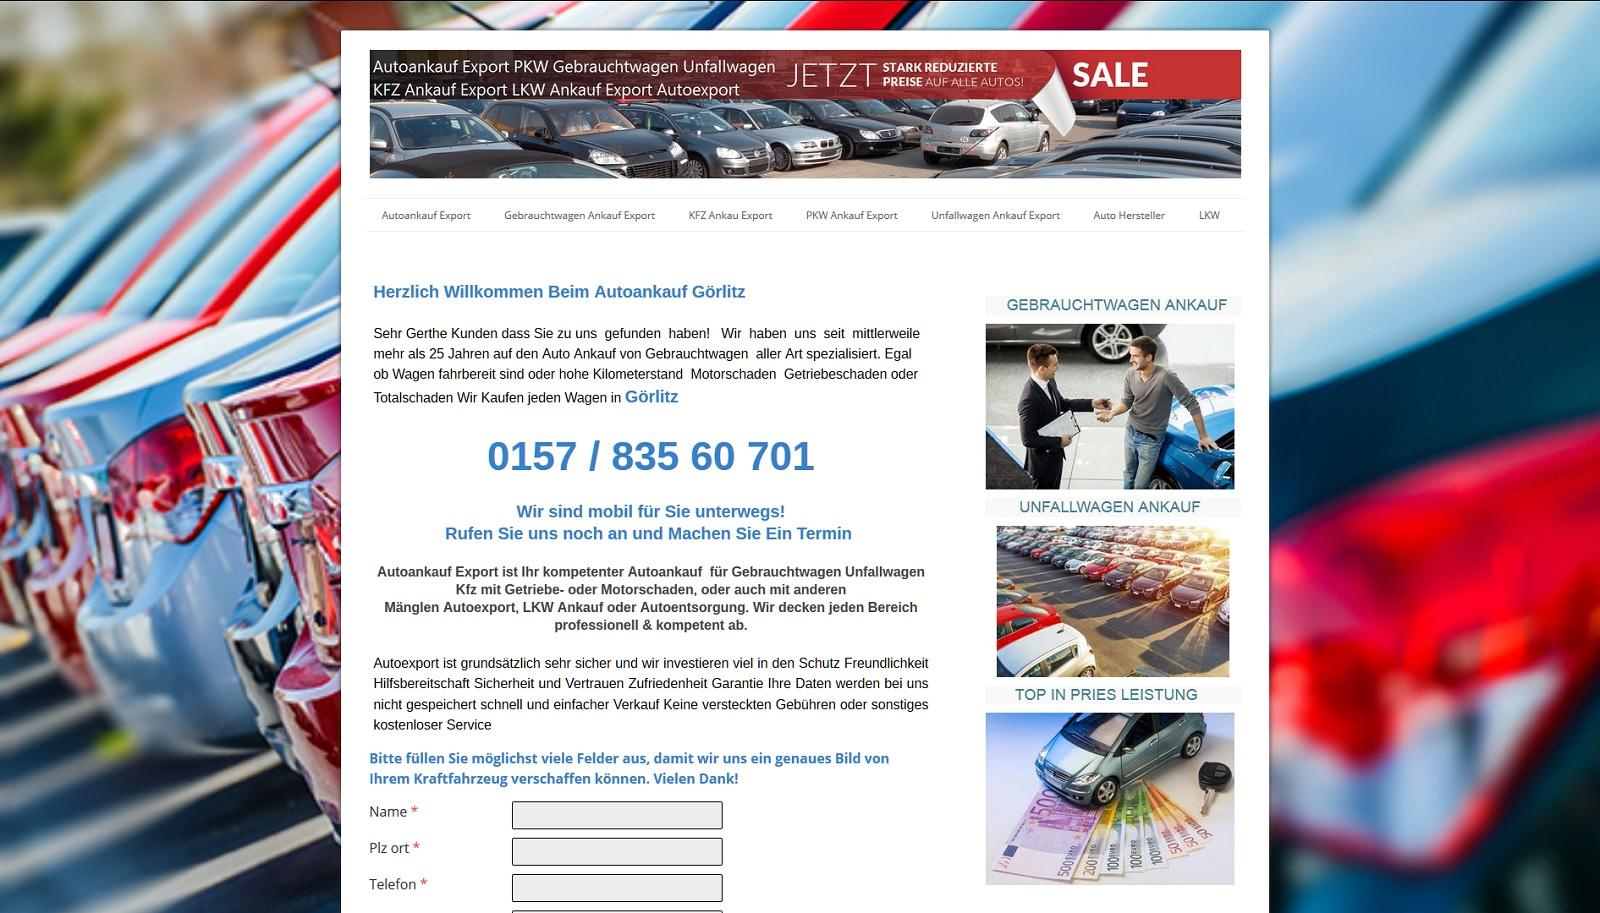 auto-ankauf-export.de - Autoankauf Görlitz